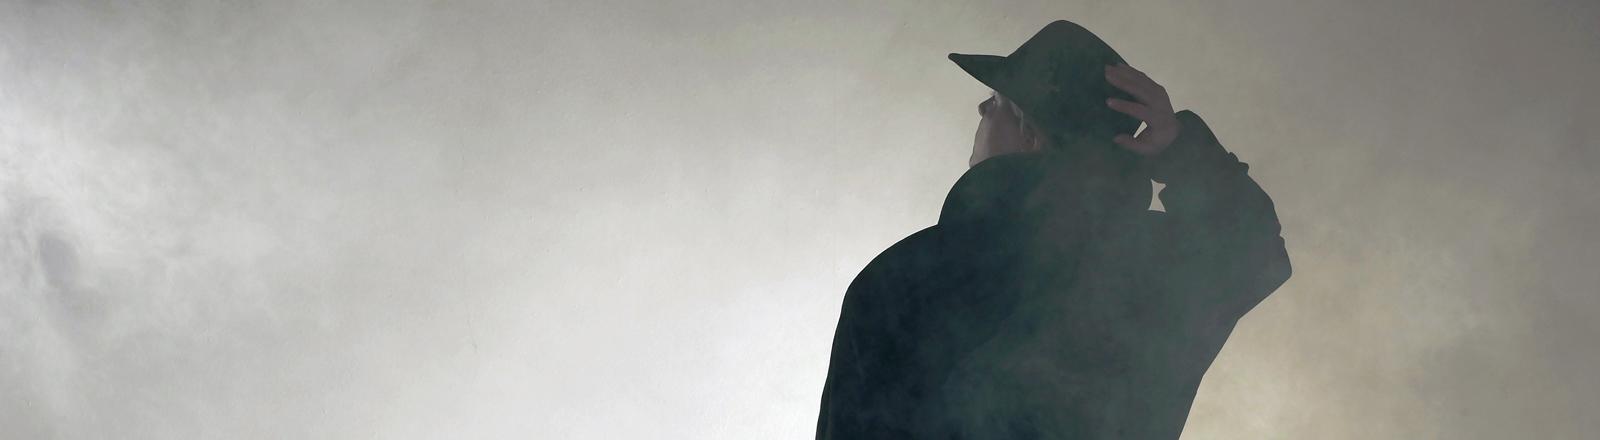 Ein Mann steht im Nebel, Schlapphut, Mantel, das muss ein Agent oder Spion sein!